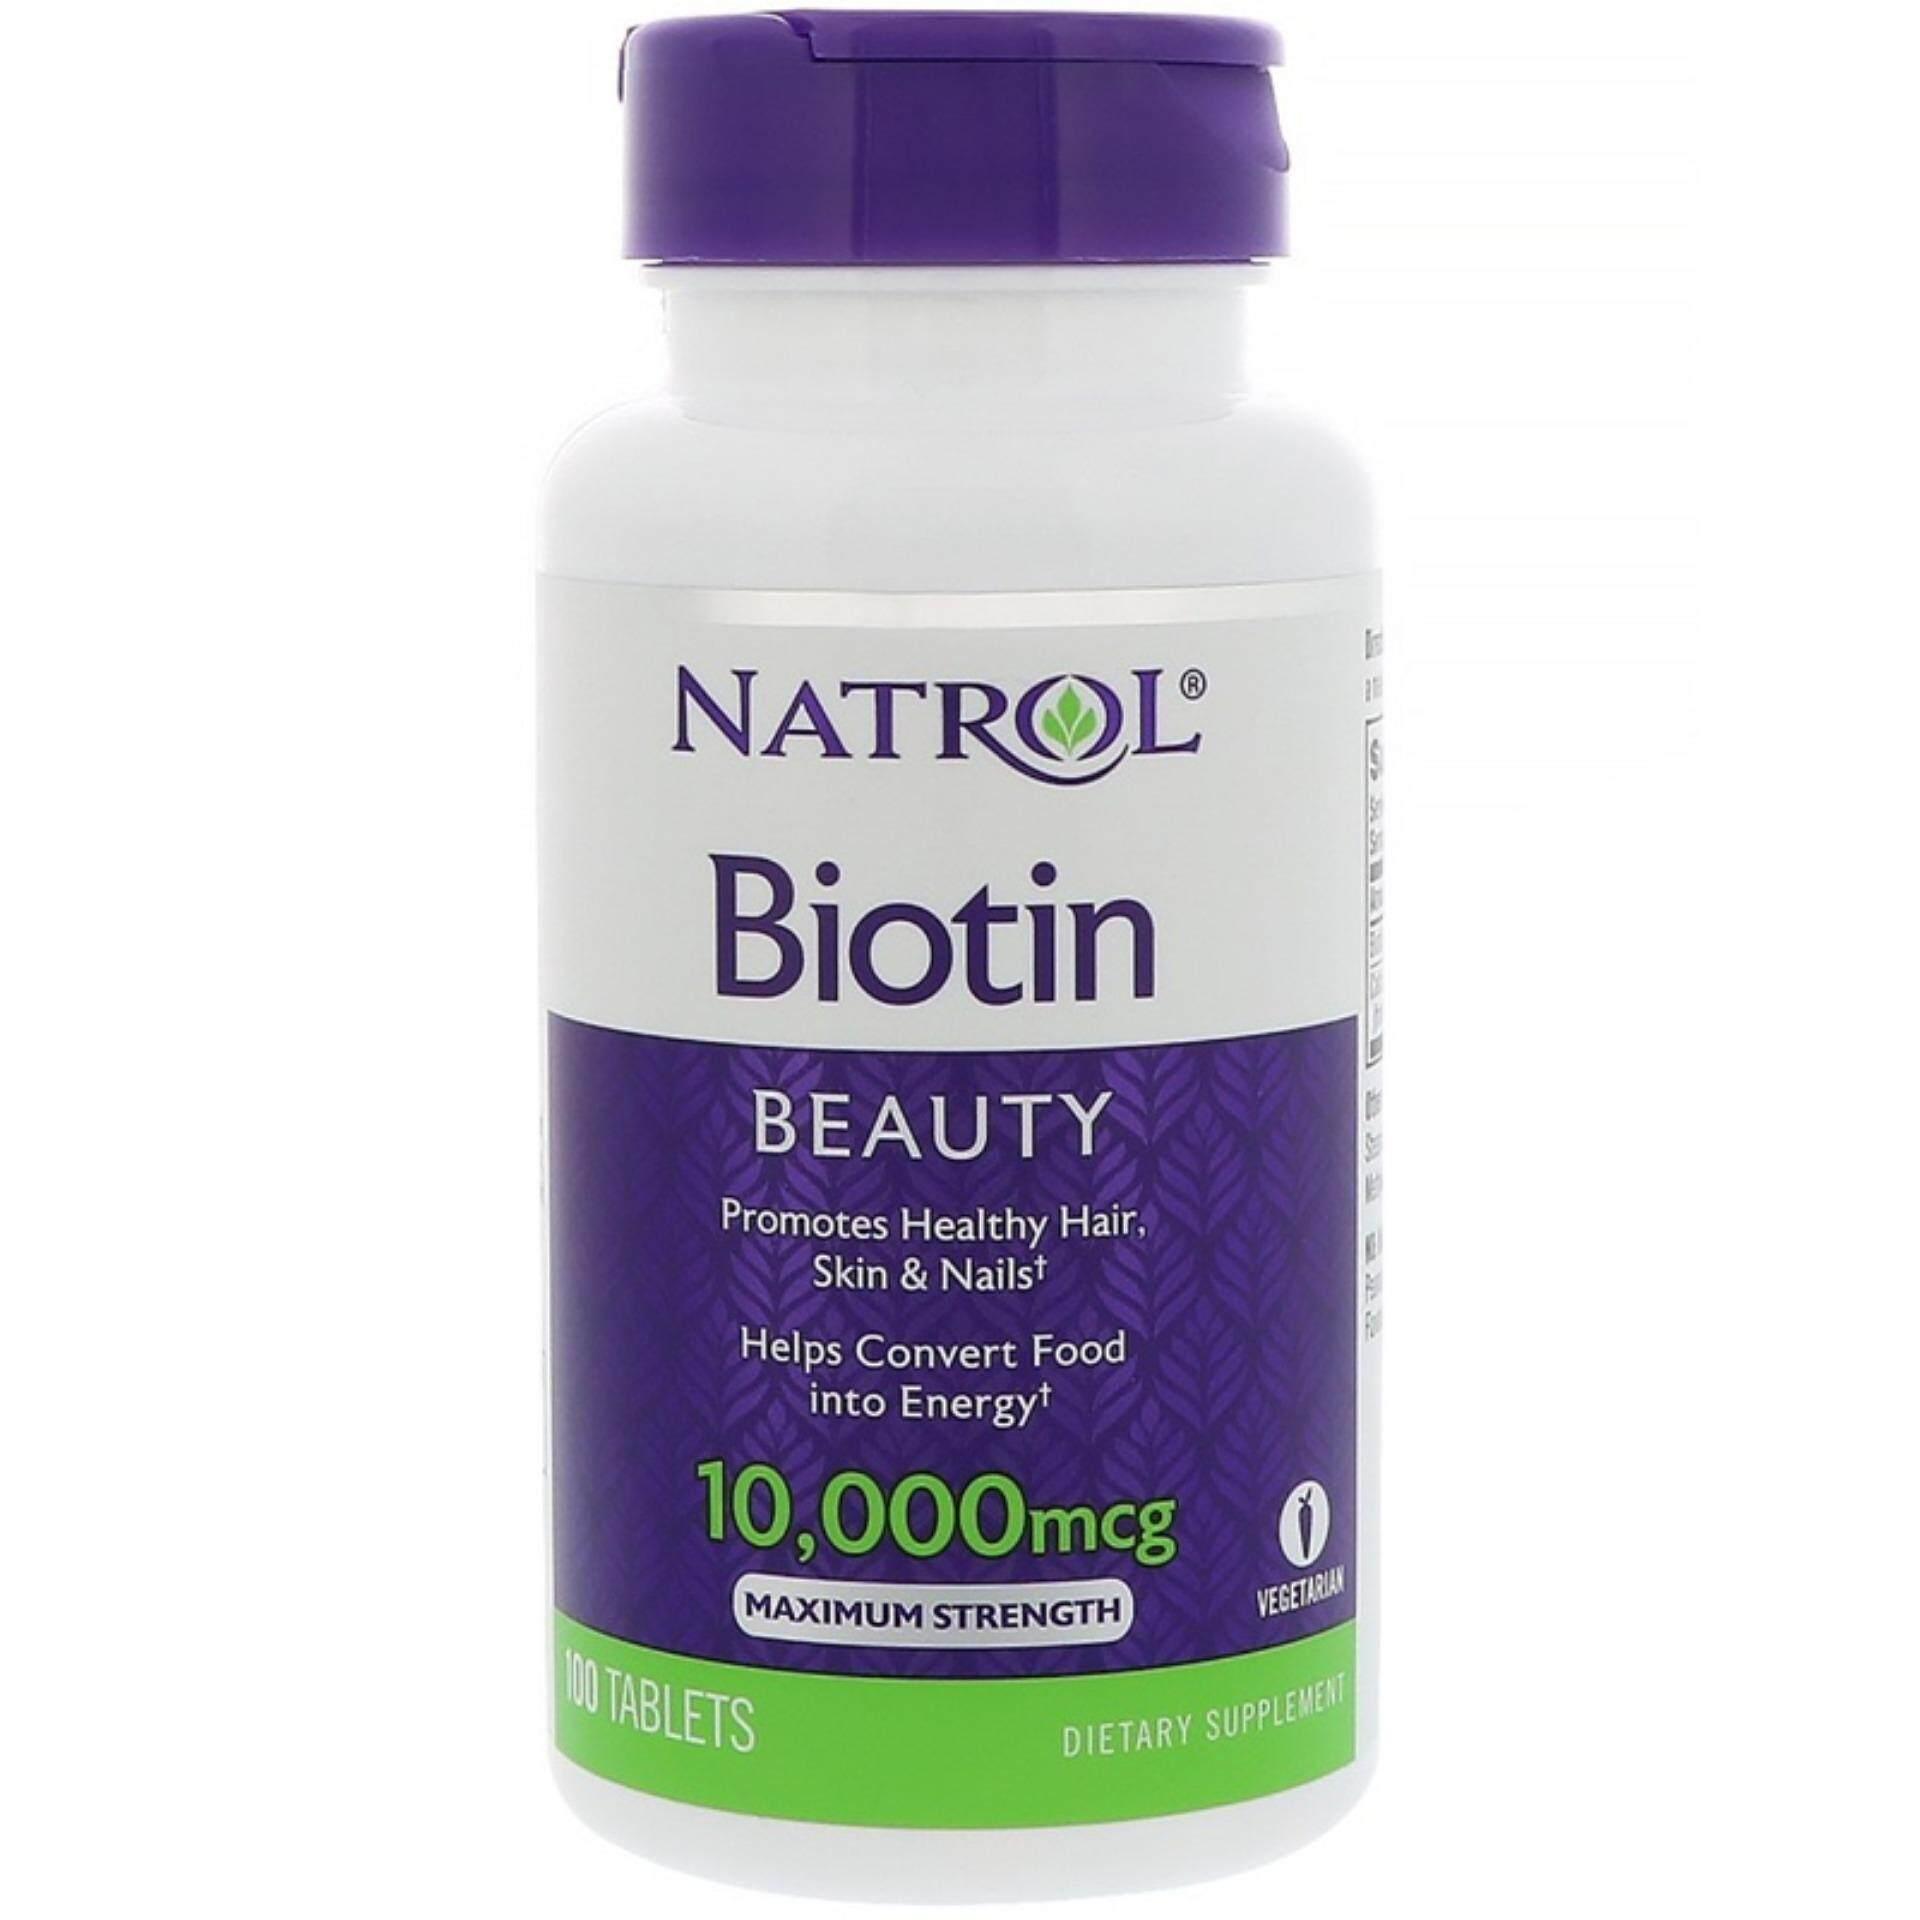 ราคา Natrol Biotin 10 000 Mcg 100 Tablets ไบโอตินแก้ปัญหาผมร่วง Natrol ใหม่